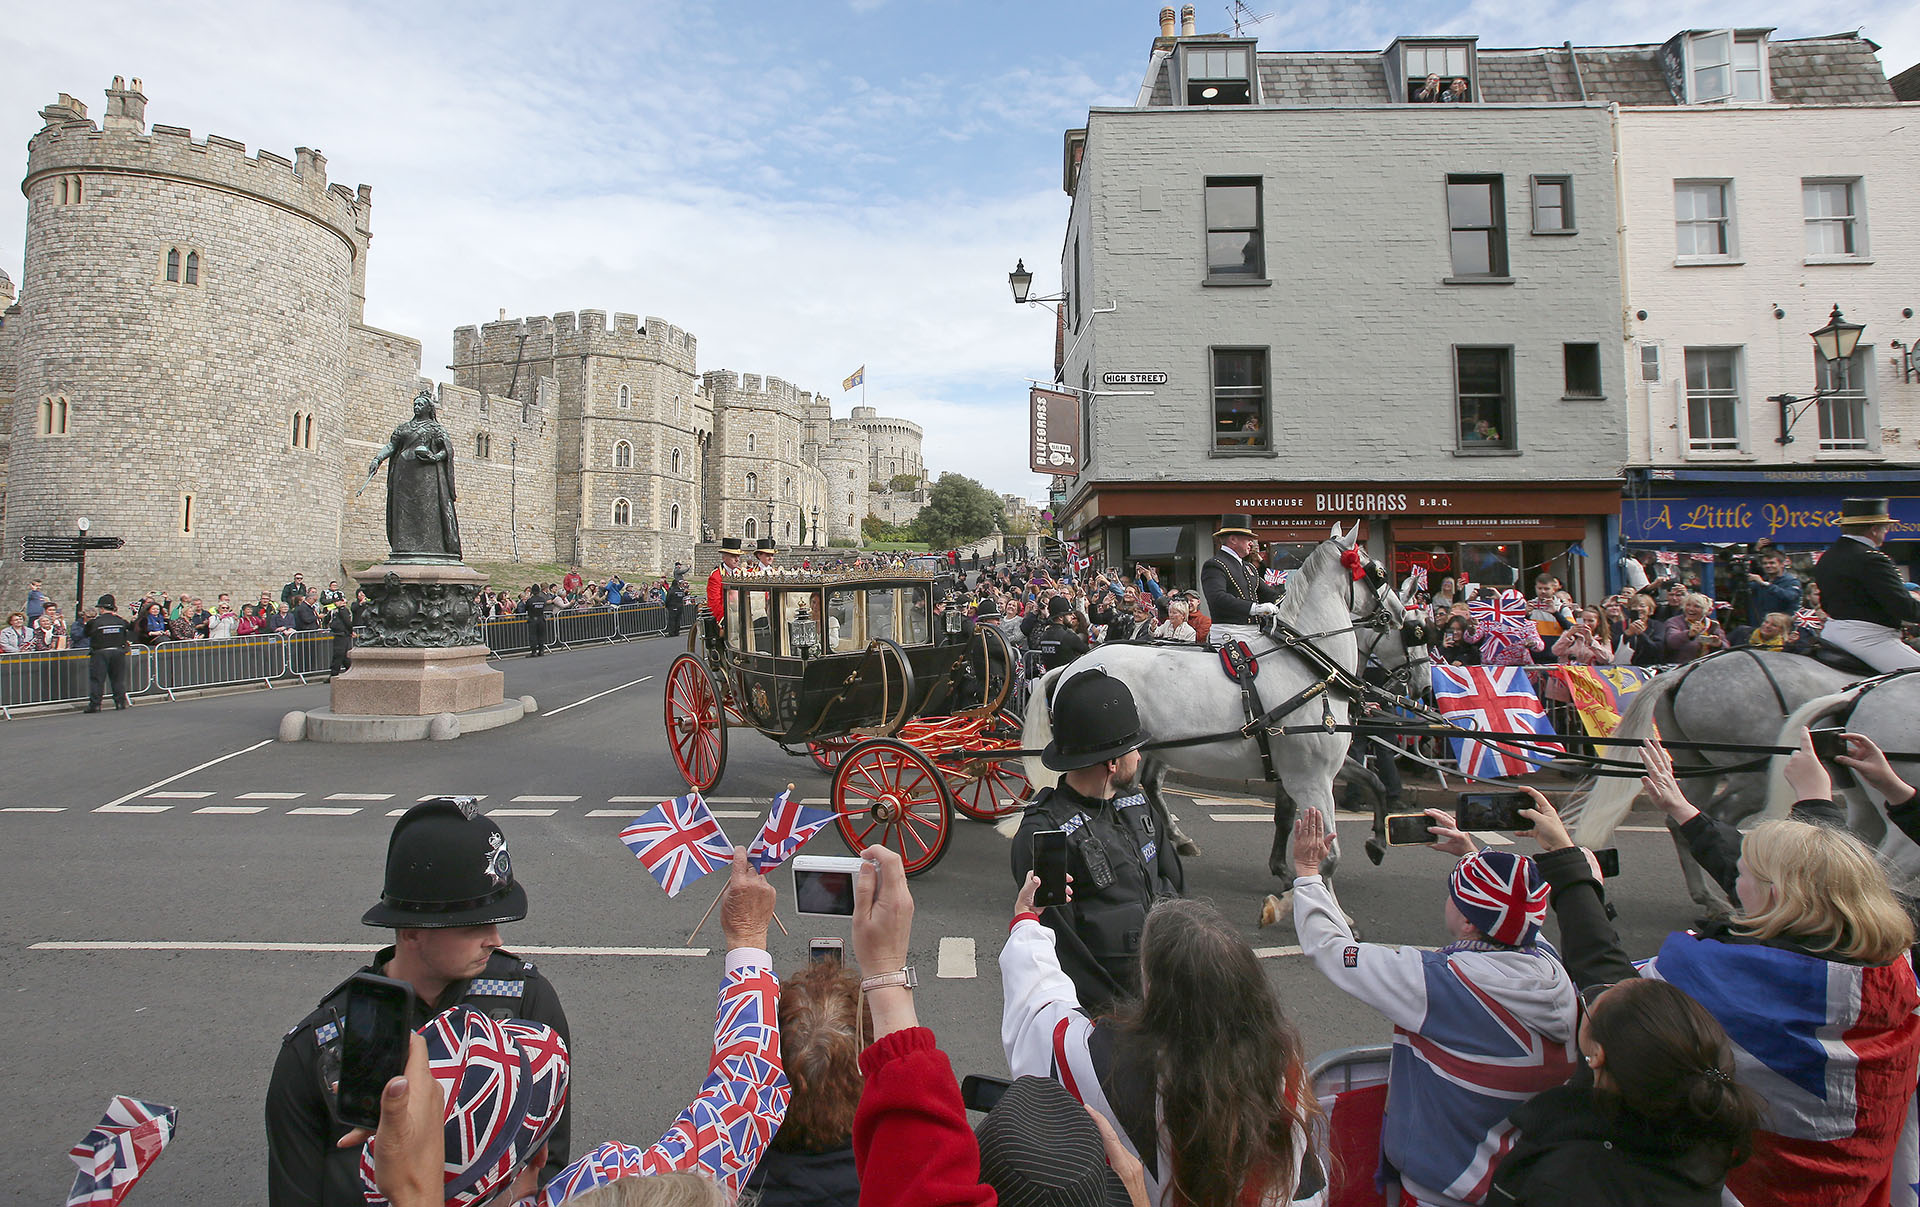 Eligieron parte de la colección de los carruajes reales para saludar tirado por cuatro caballos blancos